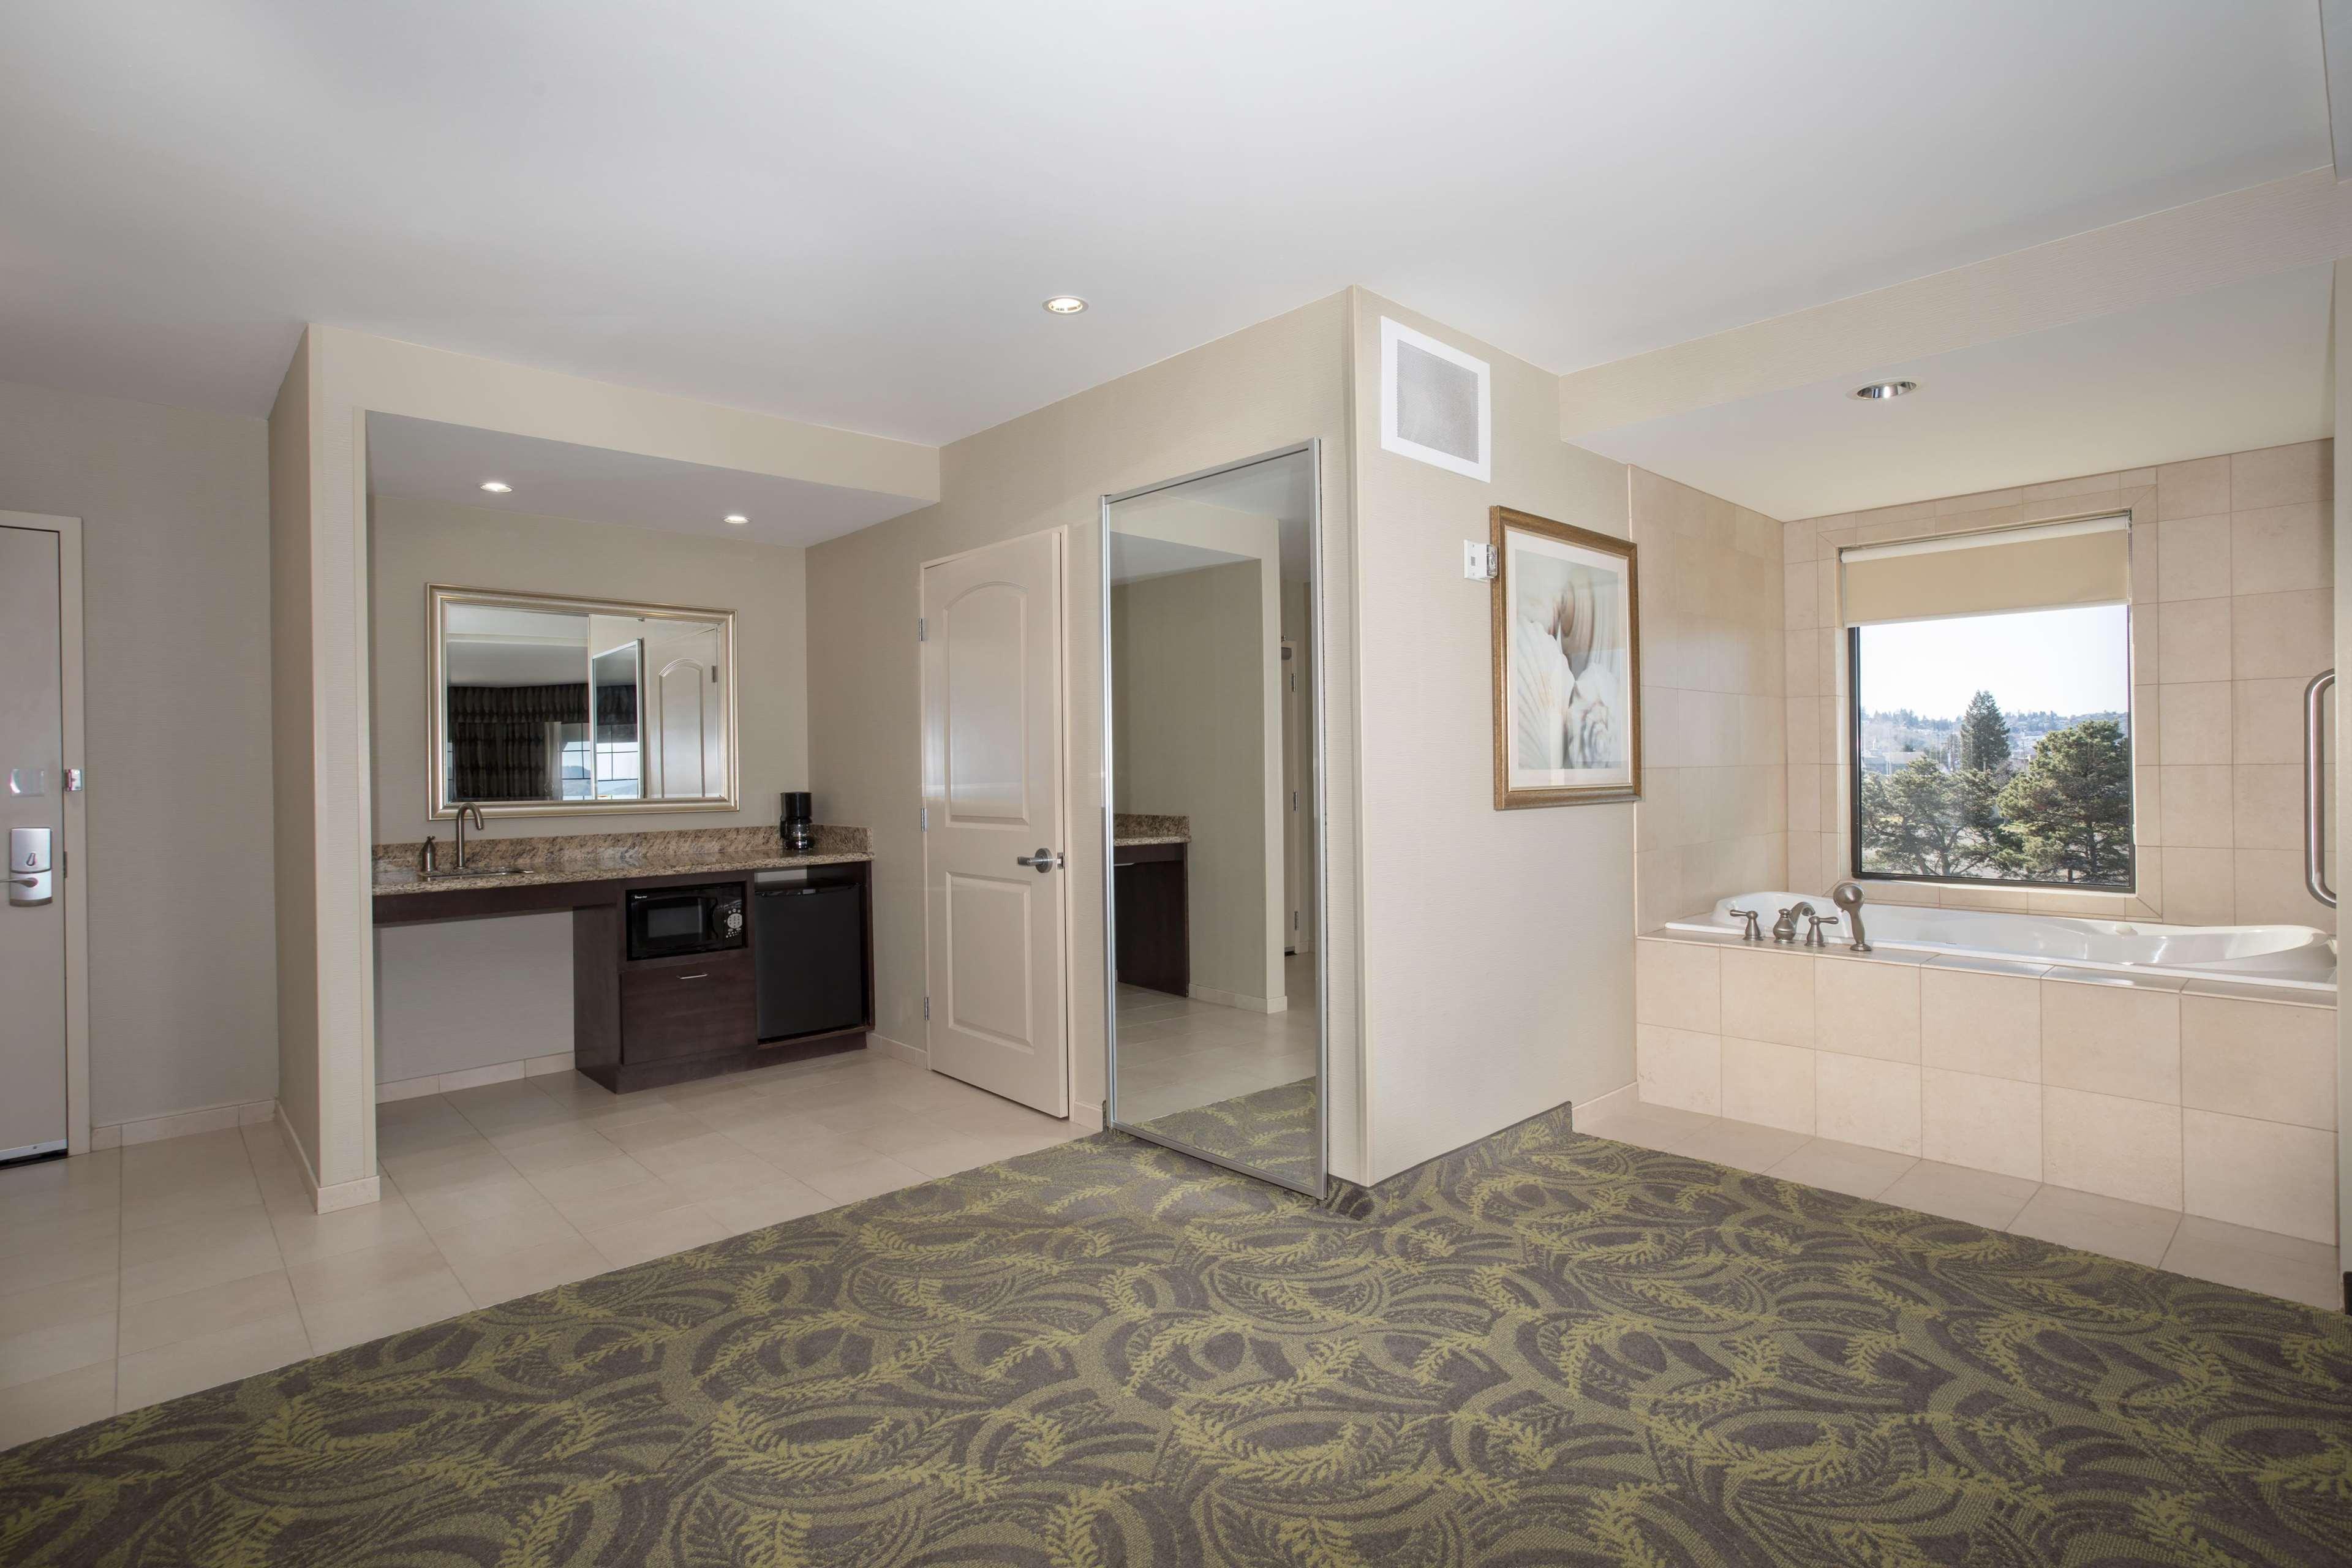 Hampton Inn & Suites Astoria image 47